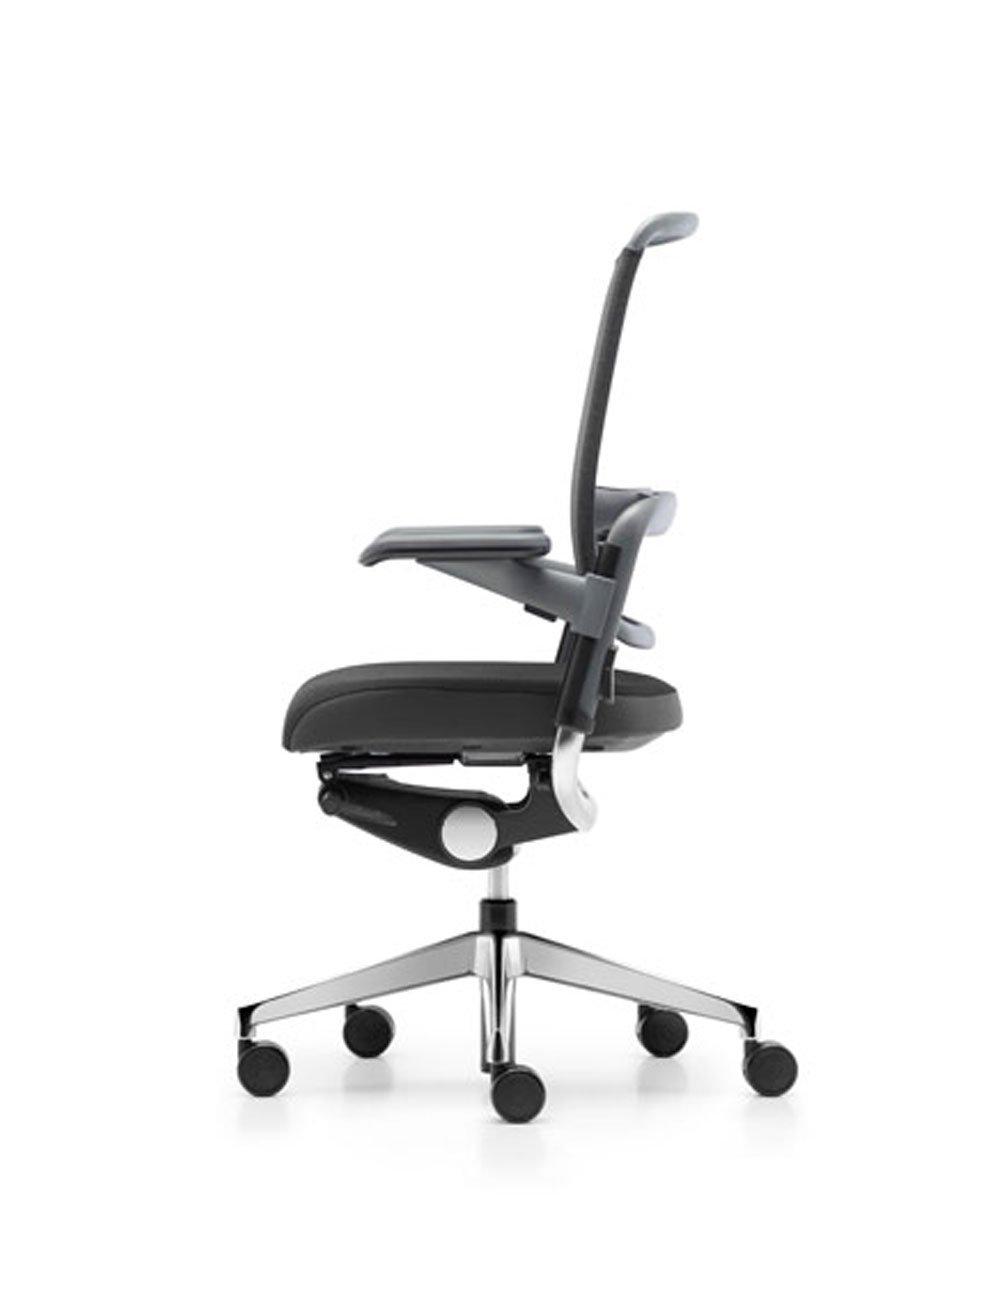 Grahl Xenium Net Chair Online Ergonomics – Grahl Chair